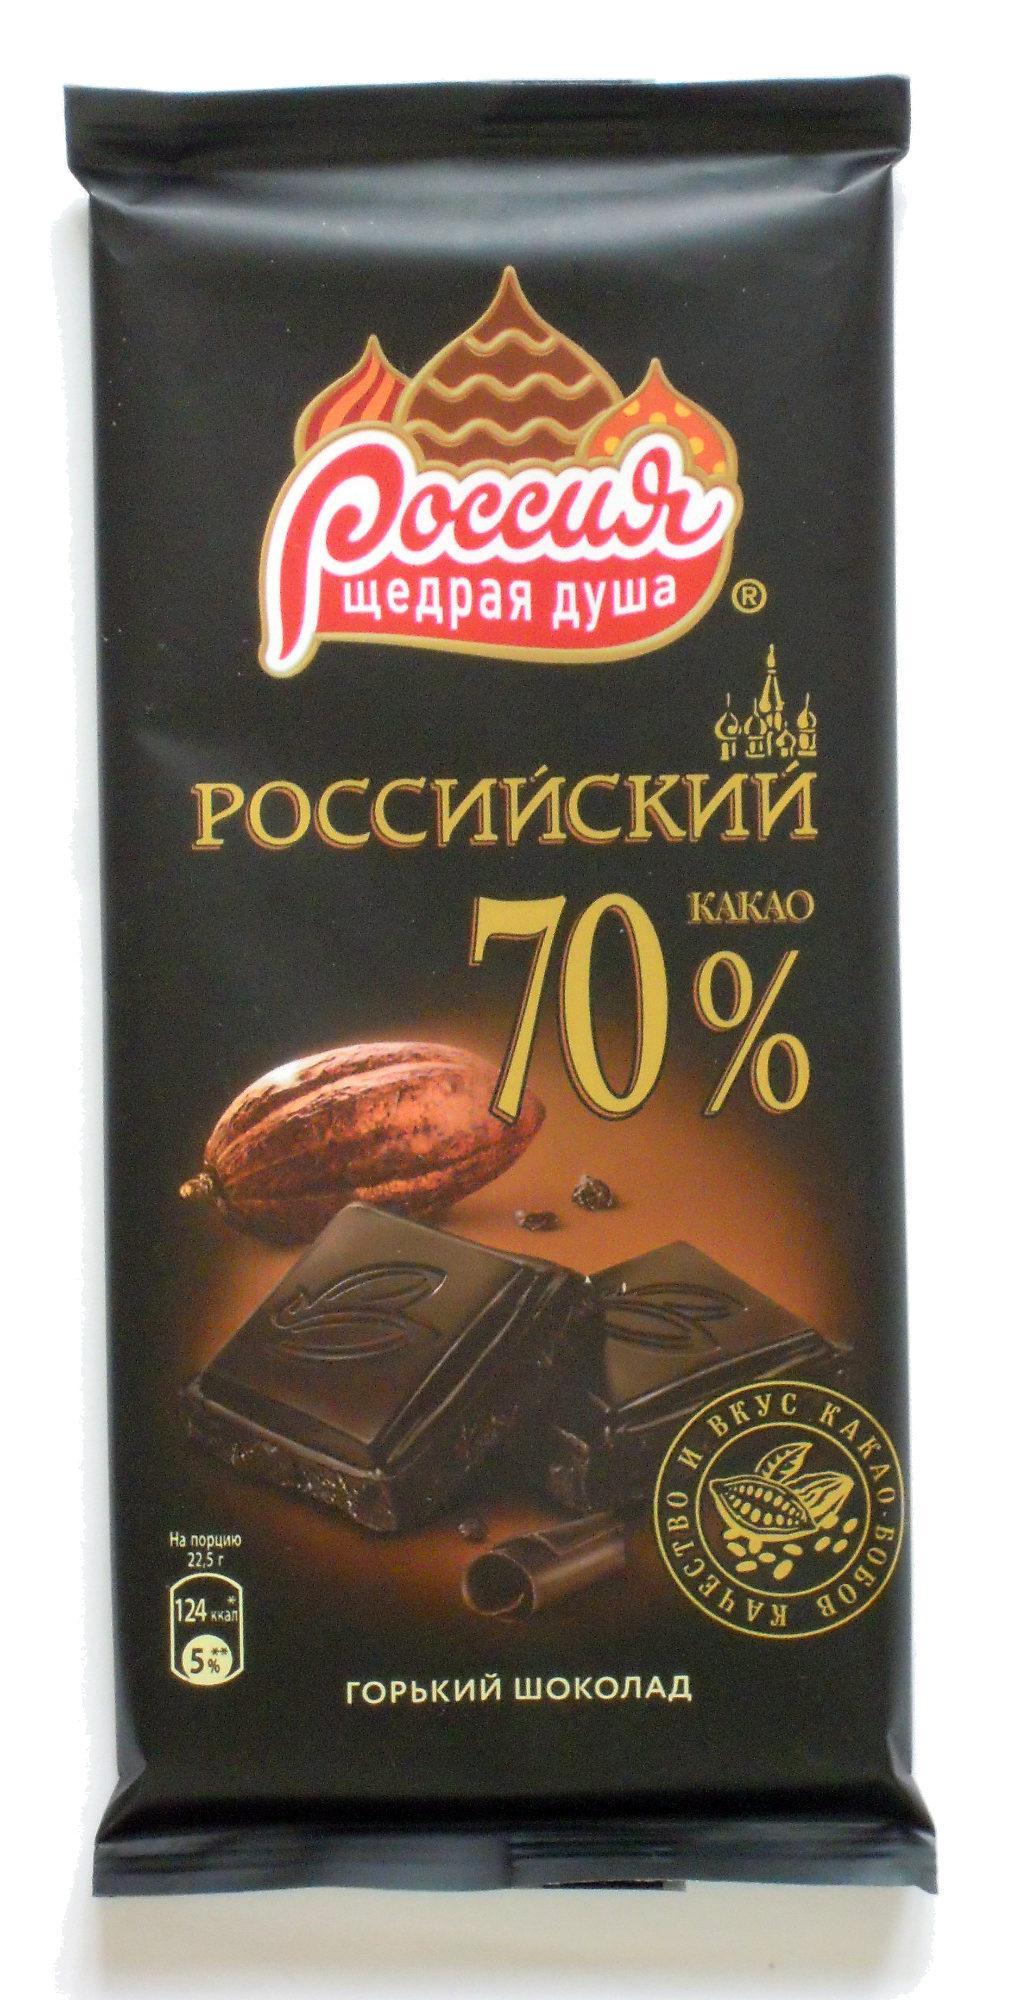 Горький шоколад «Российский» 70 % какао - Product - ru